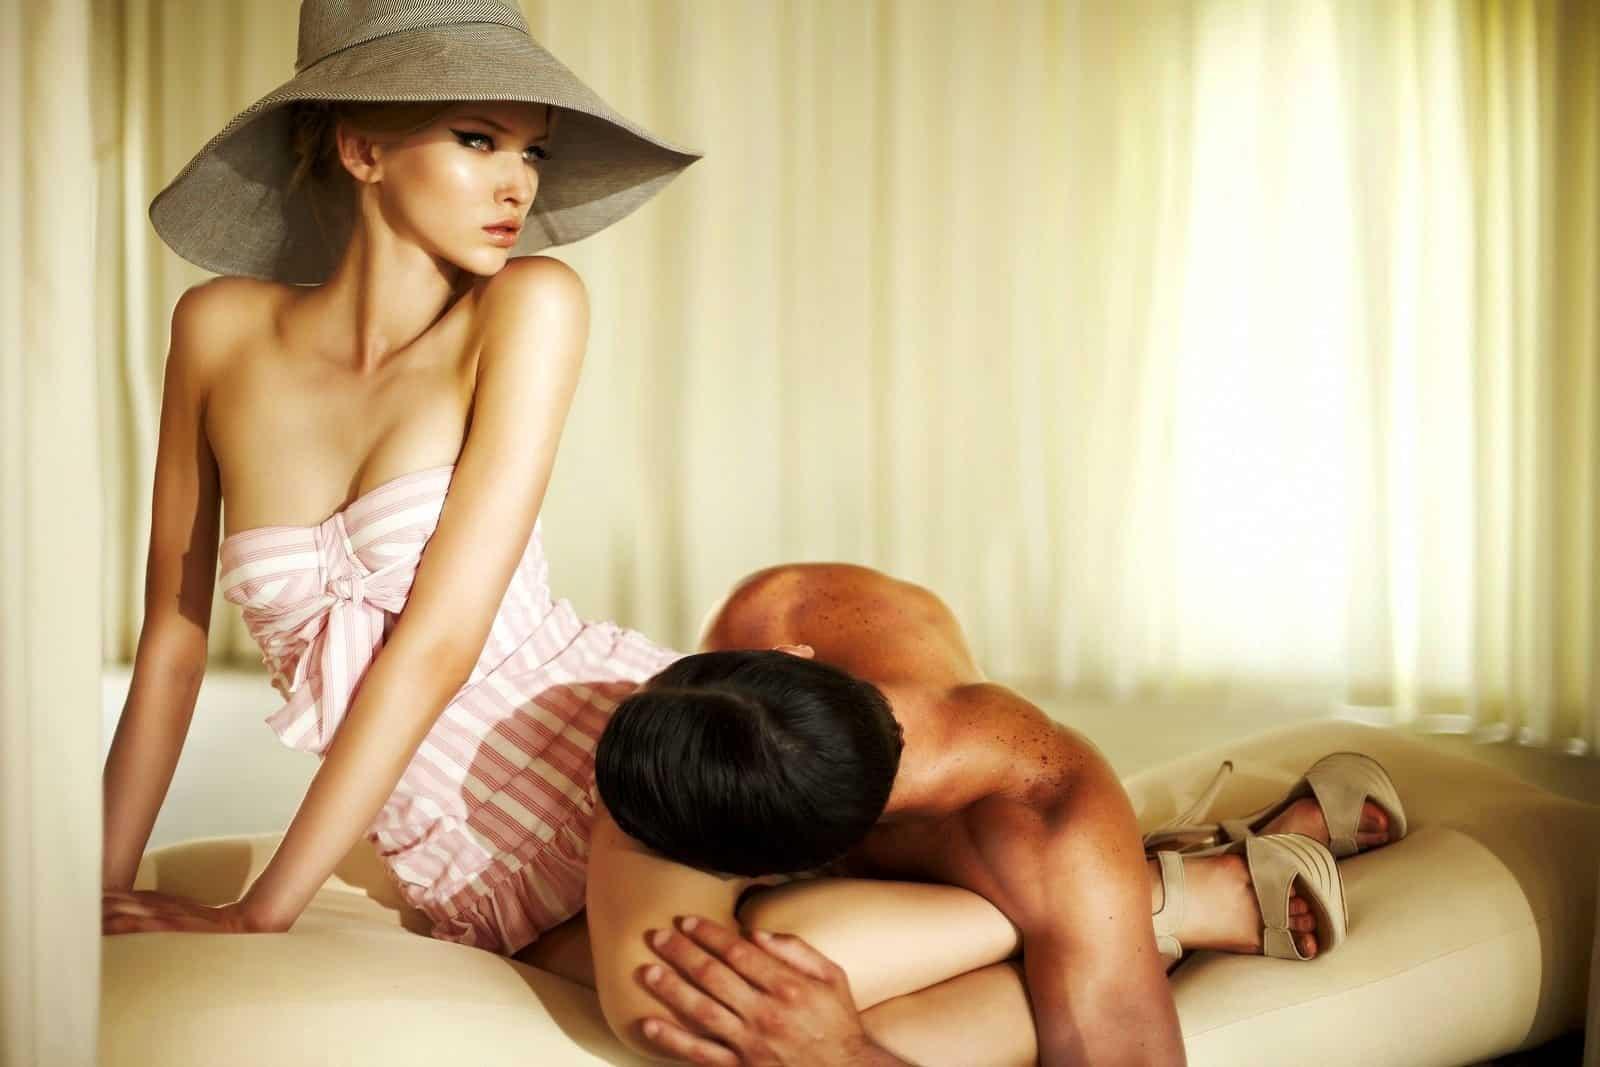 лотос символизирует собой силу женского соблазна